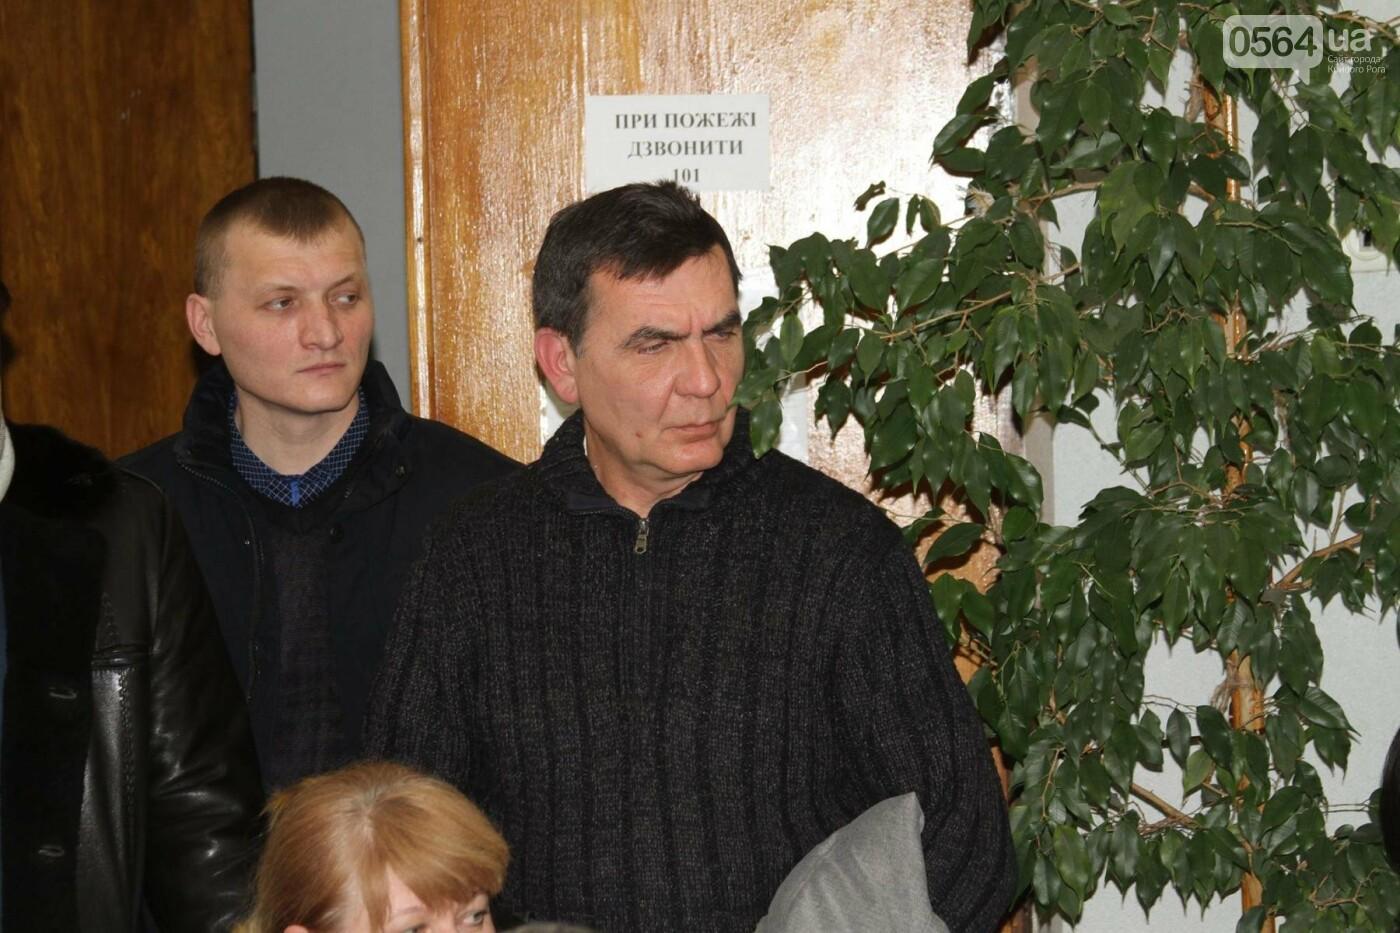 Криворожские депутаты из комиссии по этике и дисциплине со второй попытки не смогли собраться (ФОТО), фото-14